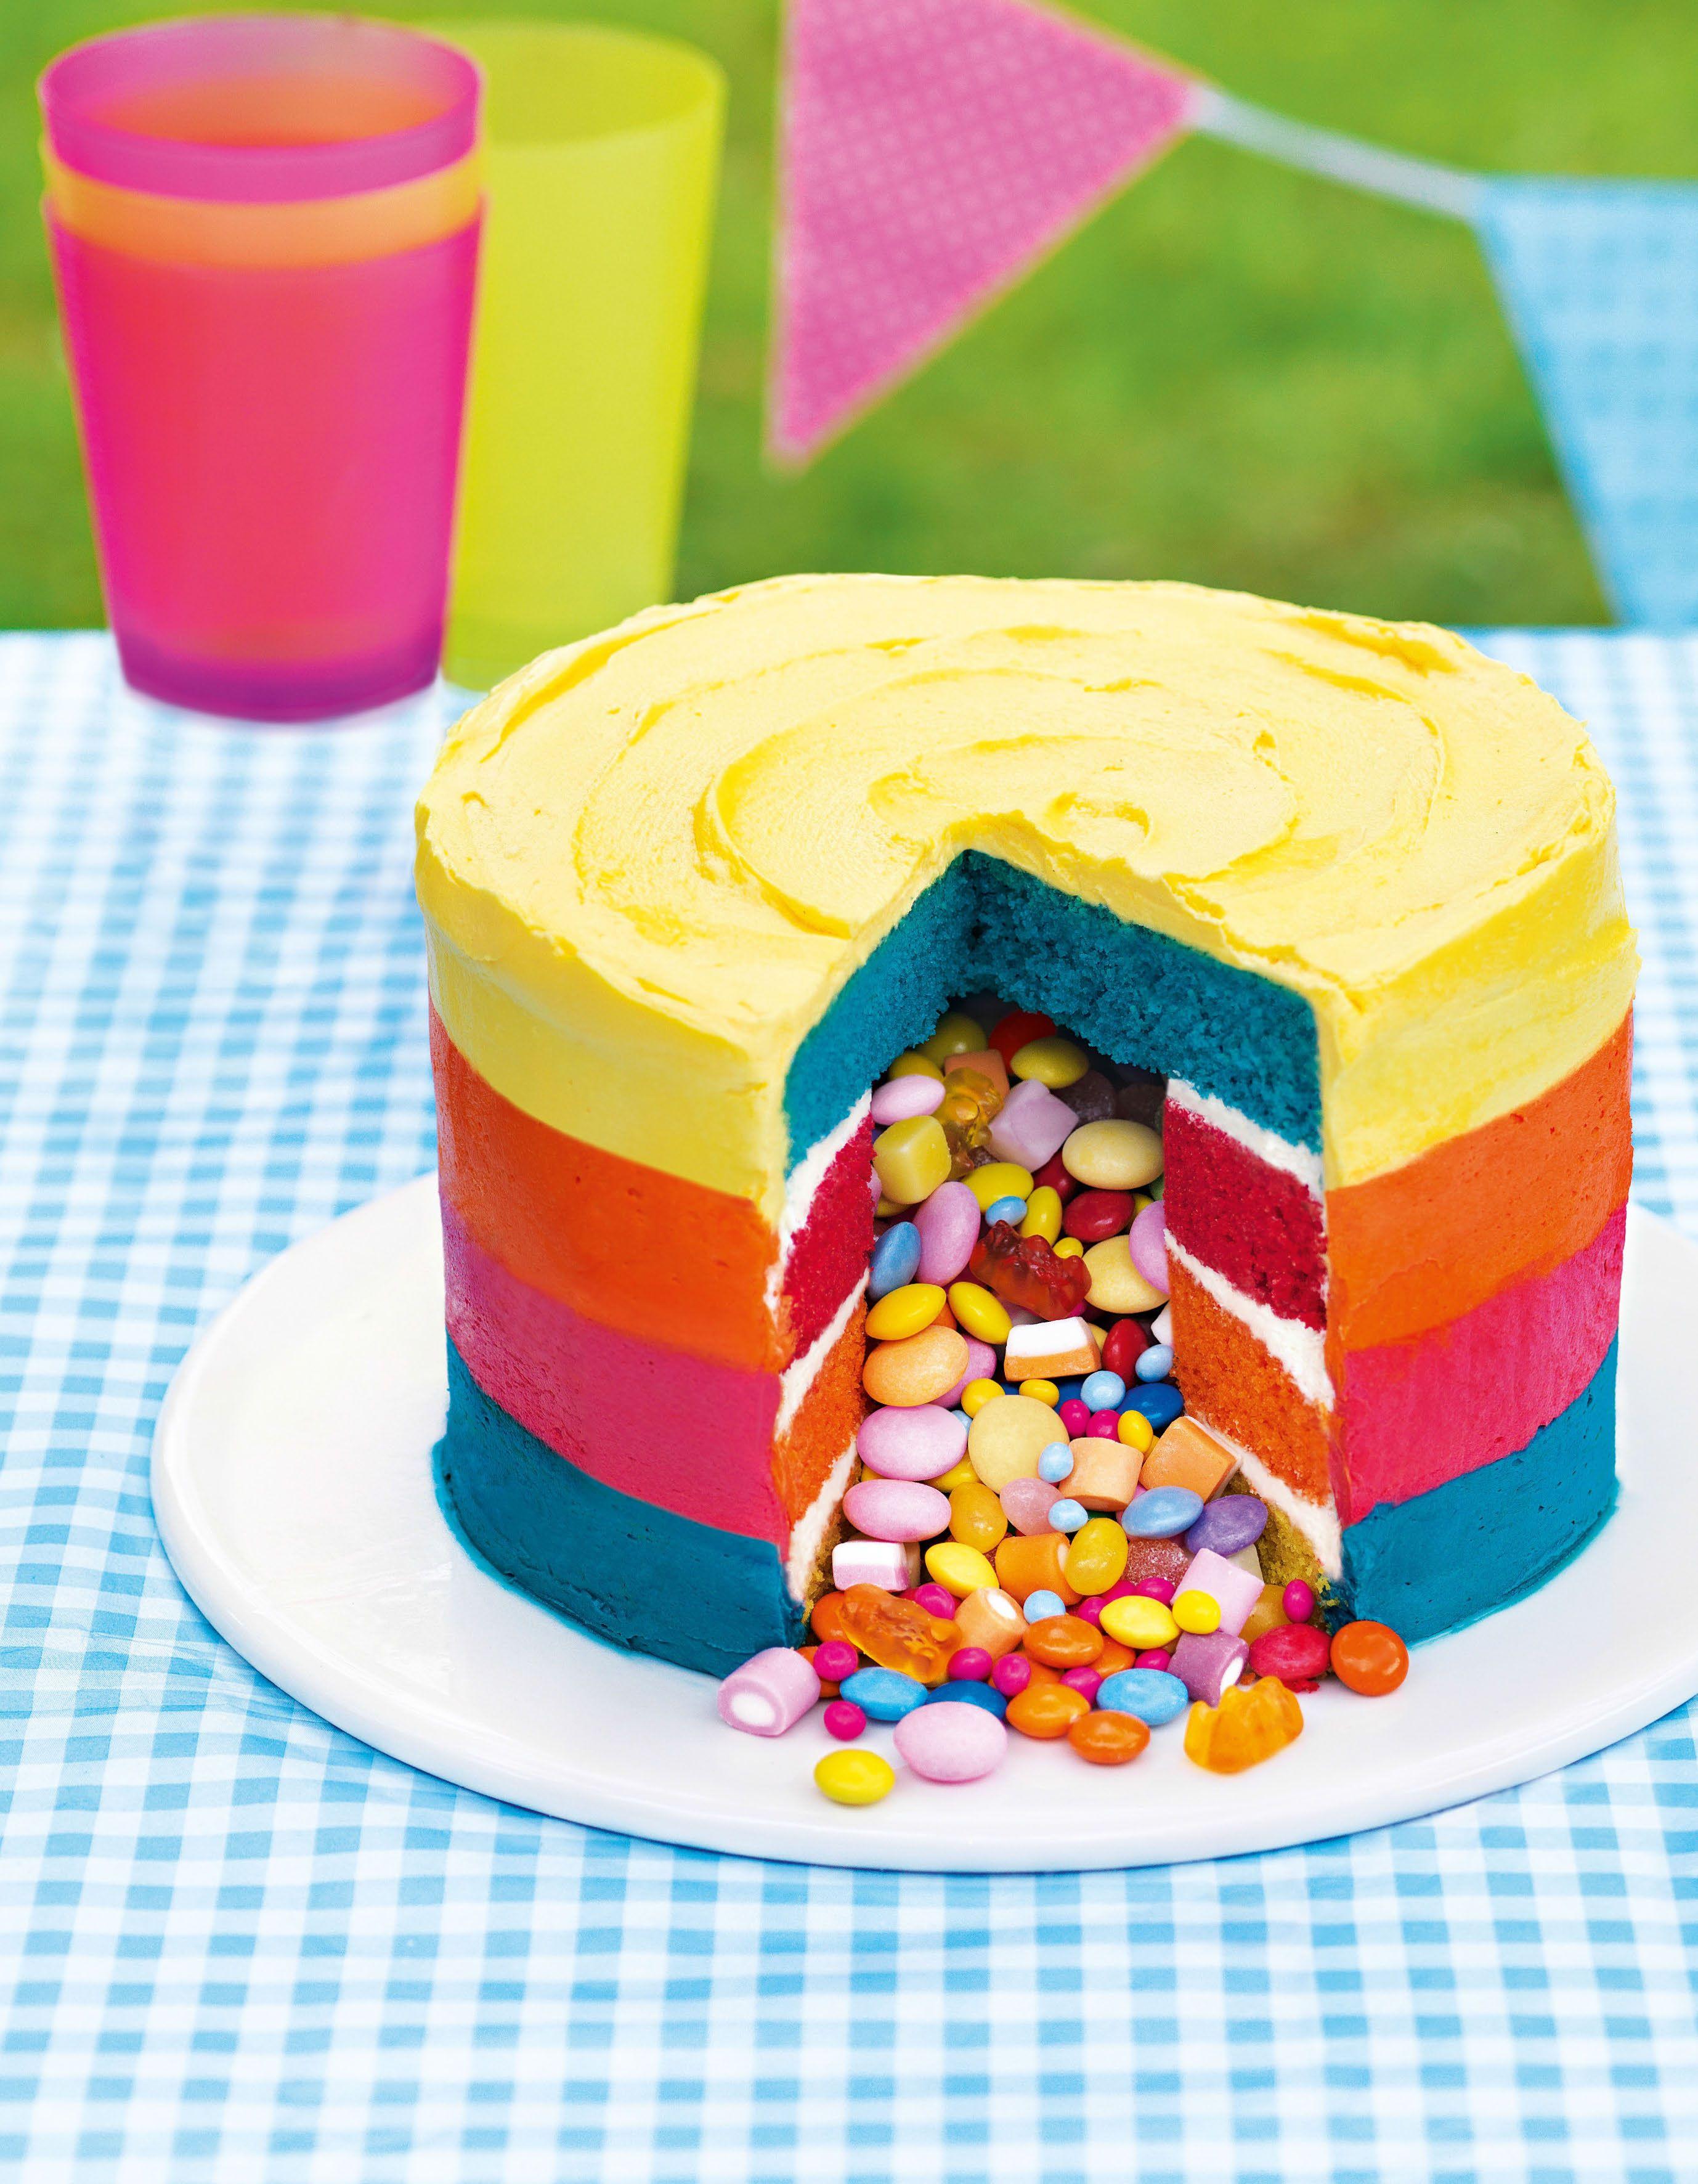 Asda magazine july 2014 novelty cakes neon cakes cake